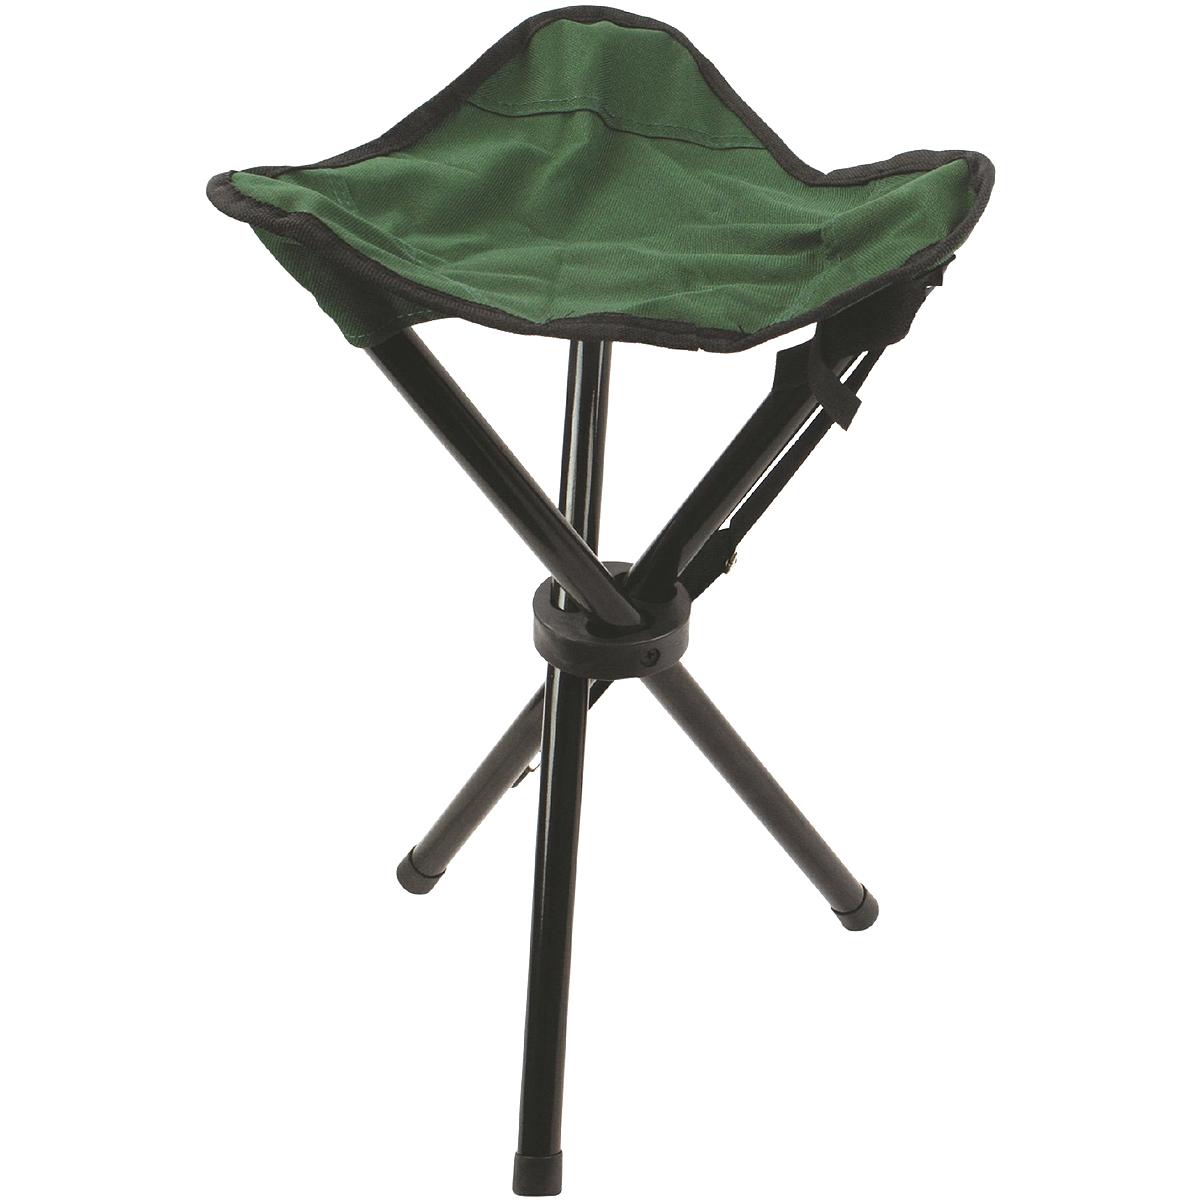 highlander pliage 3 jambe tr pied acier tabouret camping. Black Bedroom Furniture Sets. Home Design Ideas